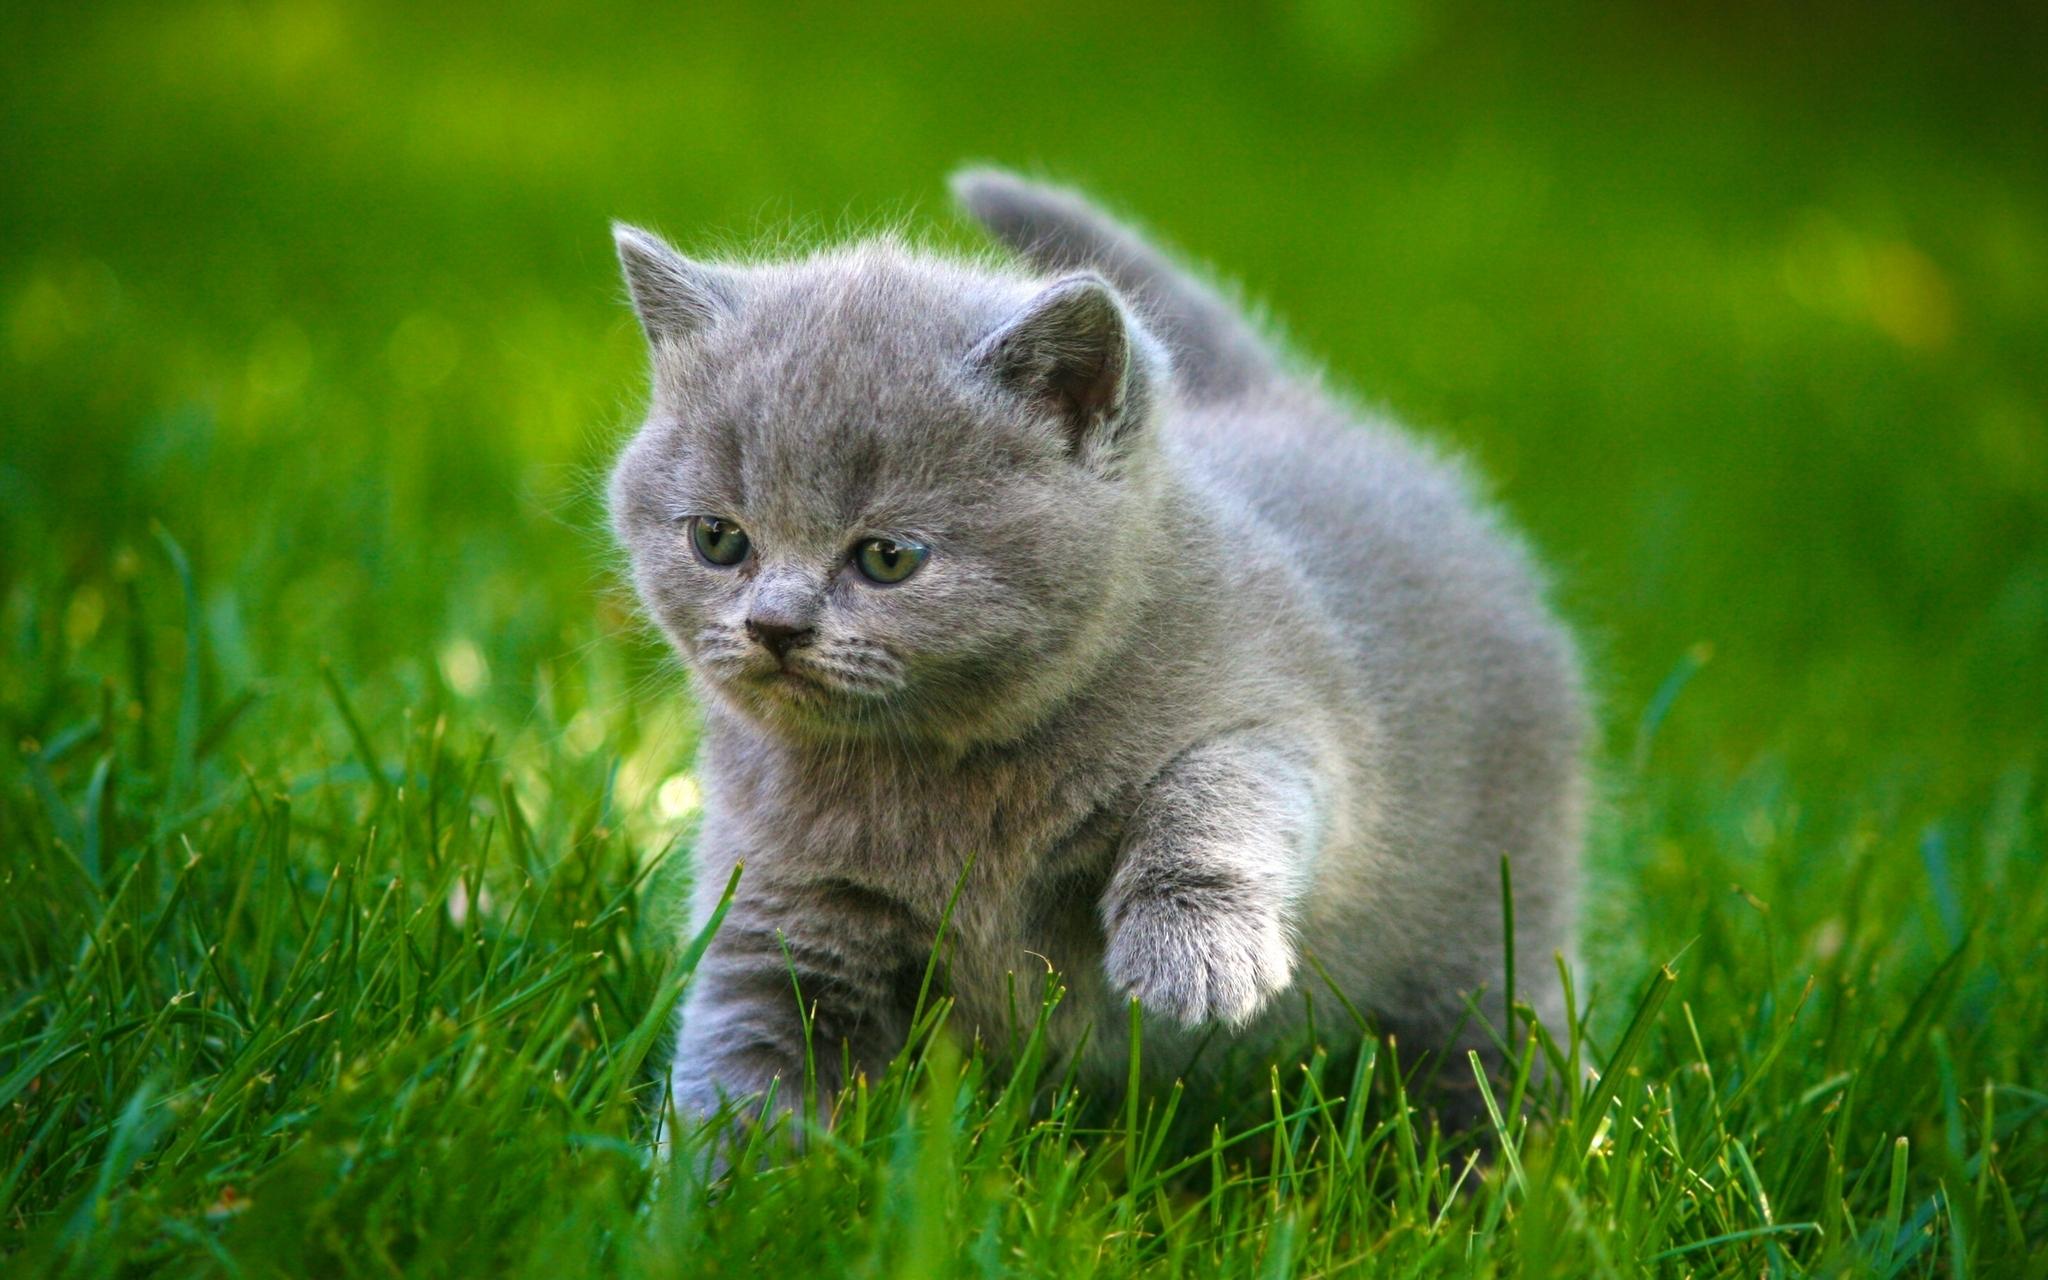 Котенок на траве  № 2959639 загрузить